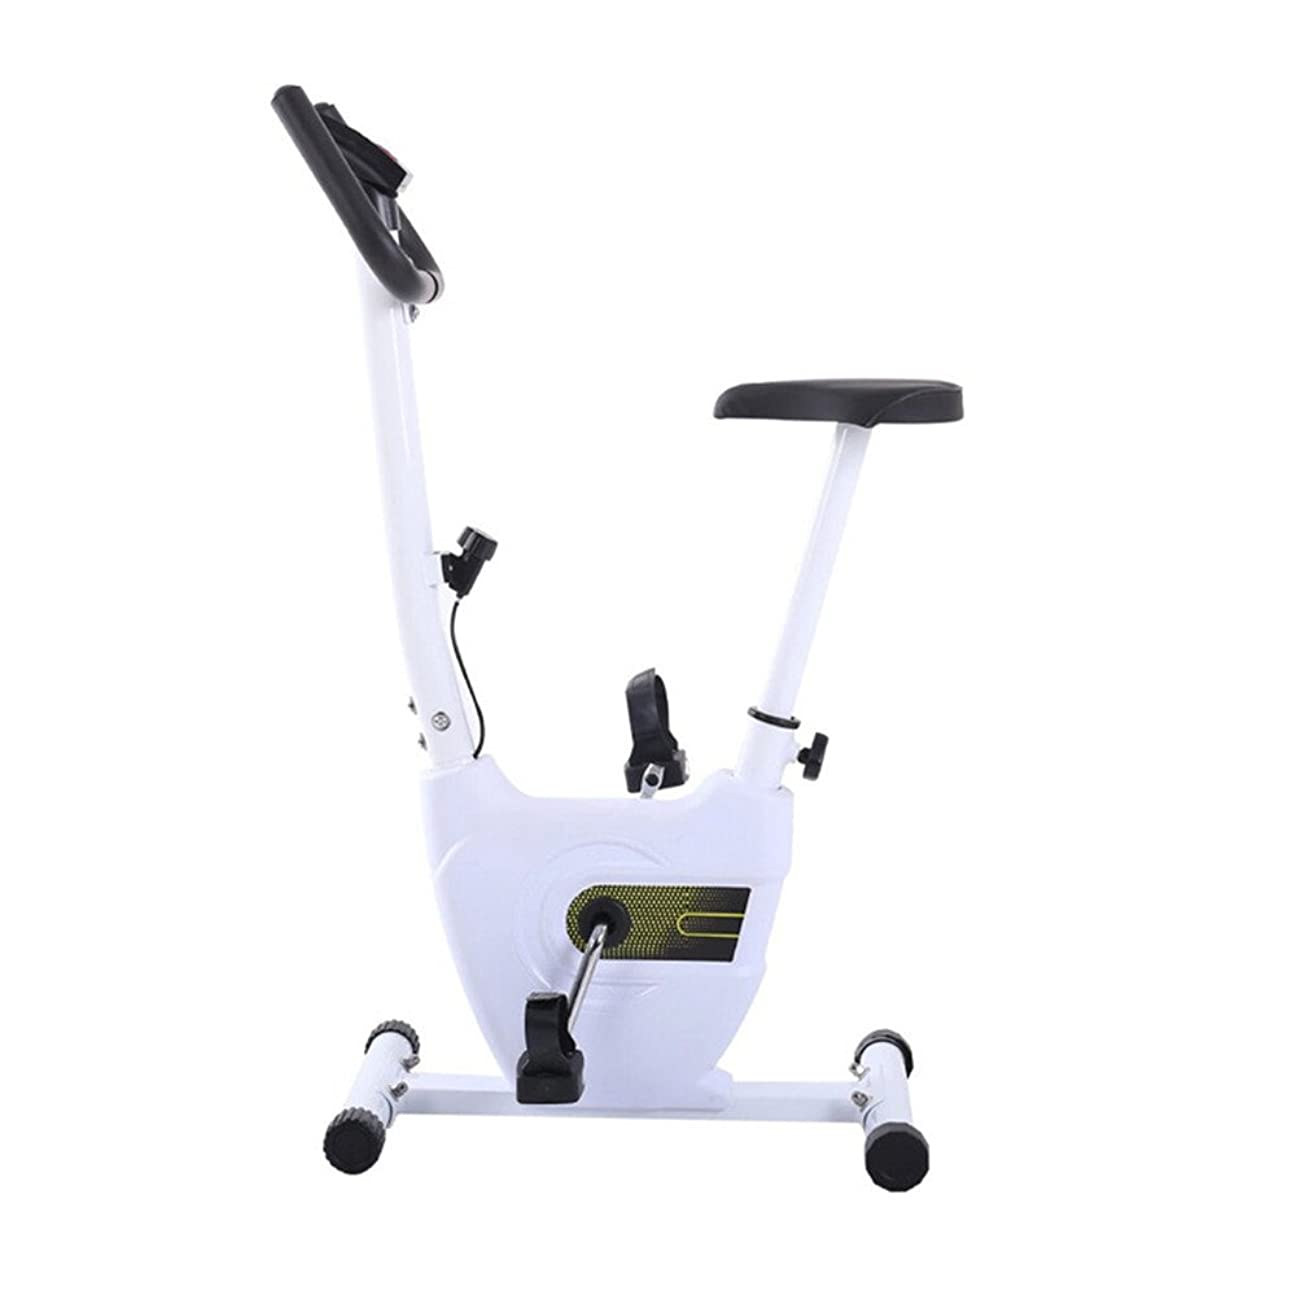 カテナミットポーズスピニングバイク 折りたたみエクササイズバイク磁気抵抗直立自転車で調節可能な高さとスピード静止自転車カーディオワークアウト用ホーム (色 : 白)